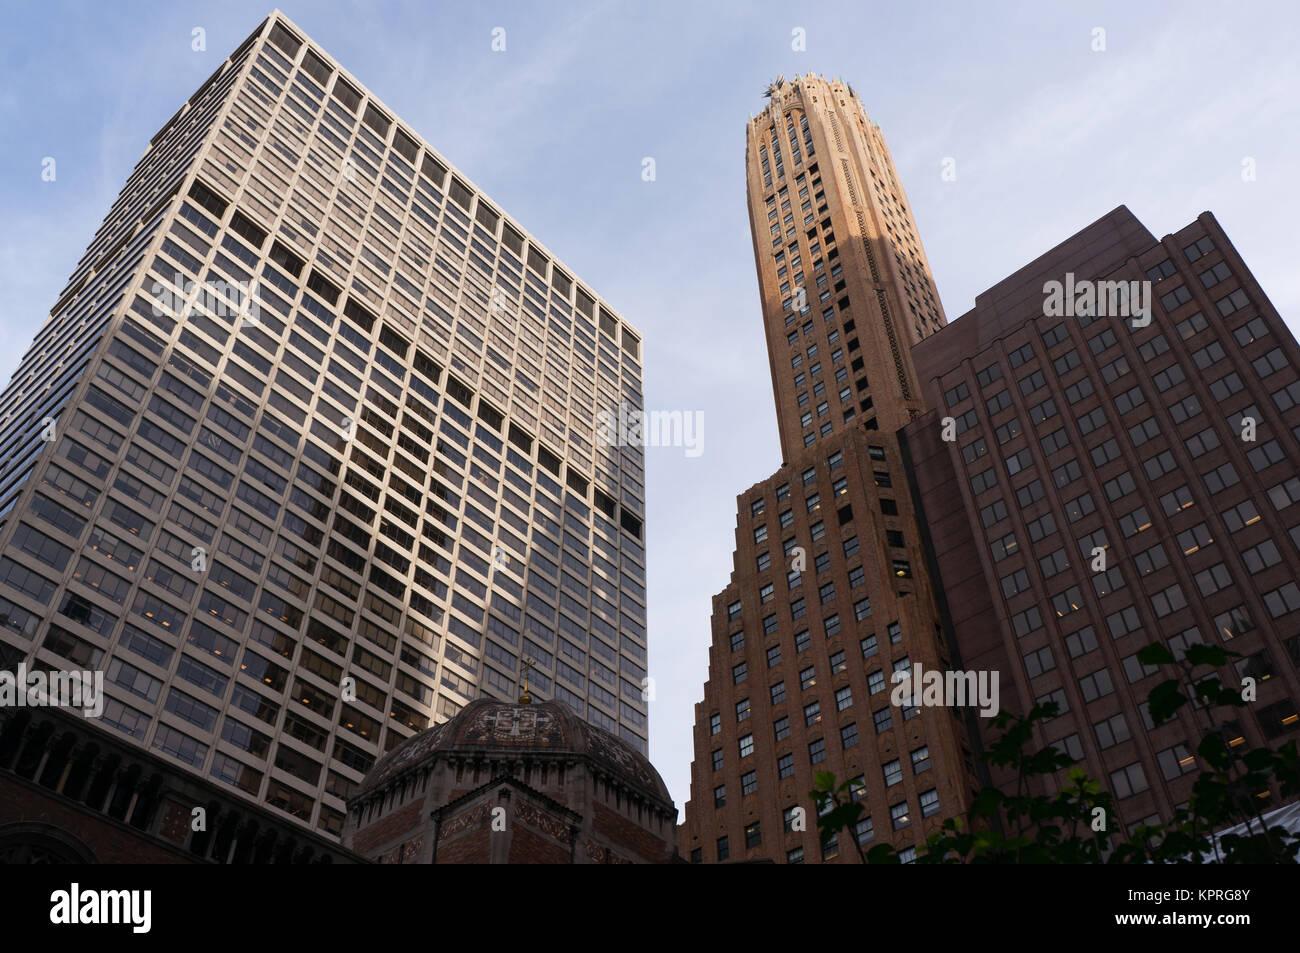 New York City ist eine Weltstadt an der Ostküste der Vereinigten Staaten. - Stock Image